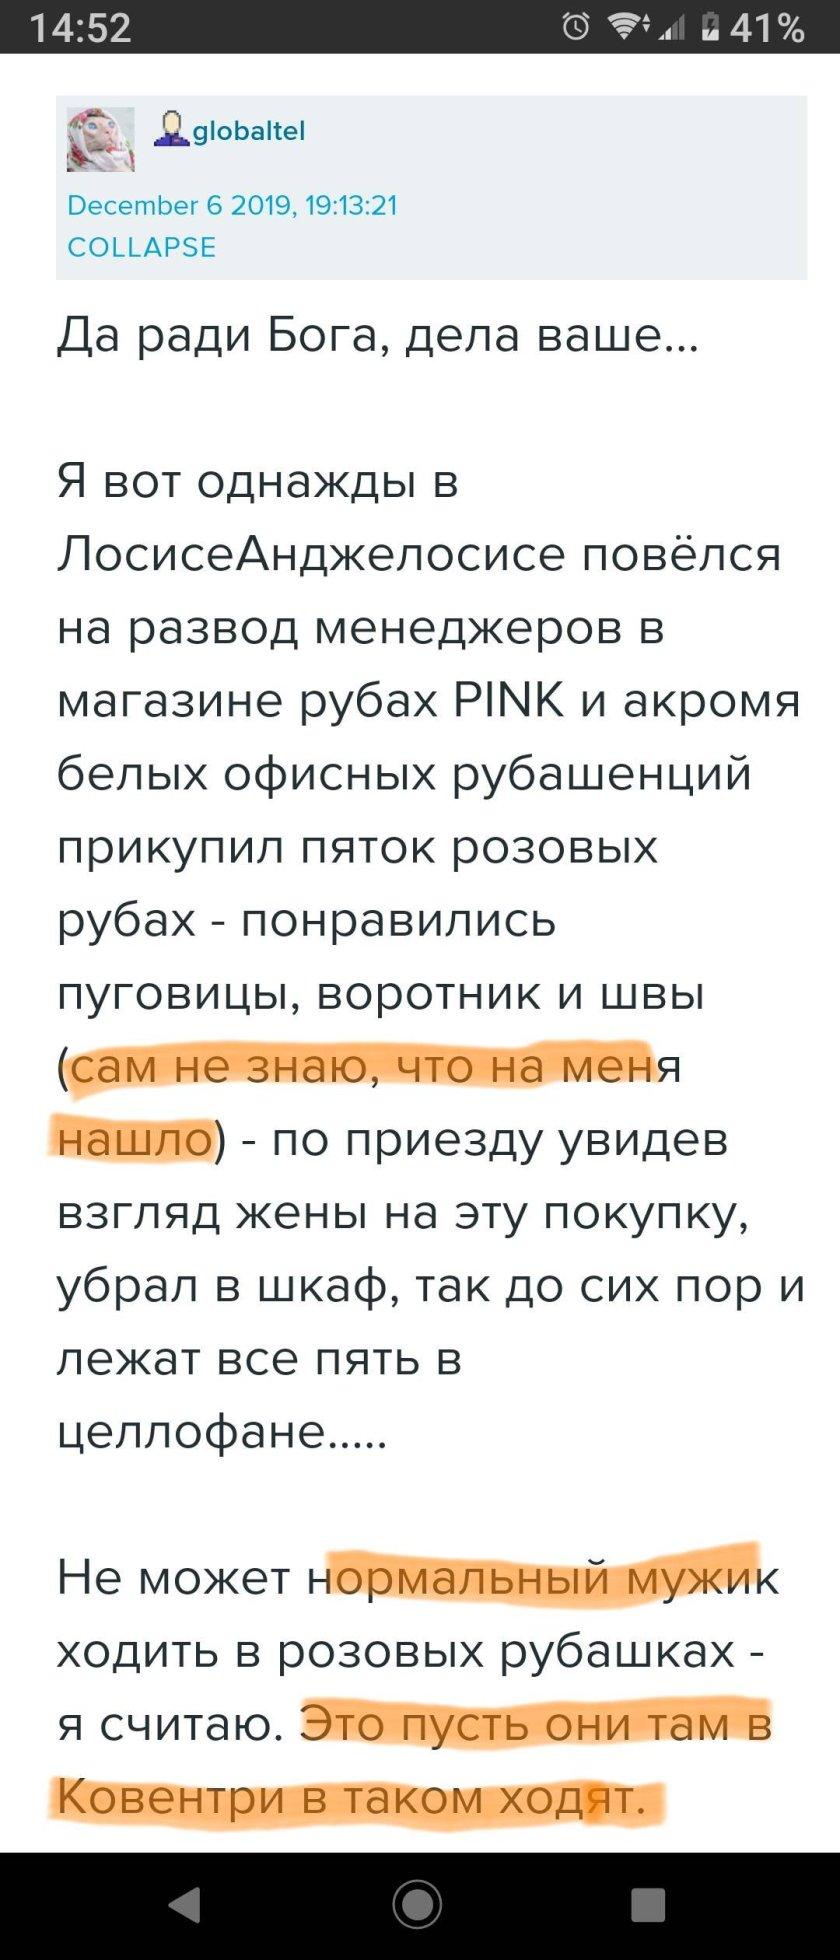 Про розовые рубашки и свободу. Ну и про геев